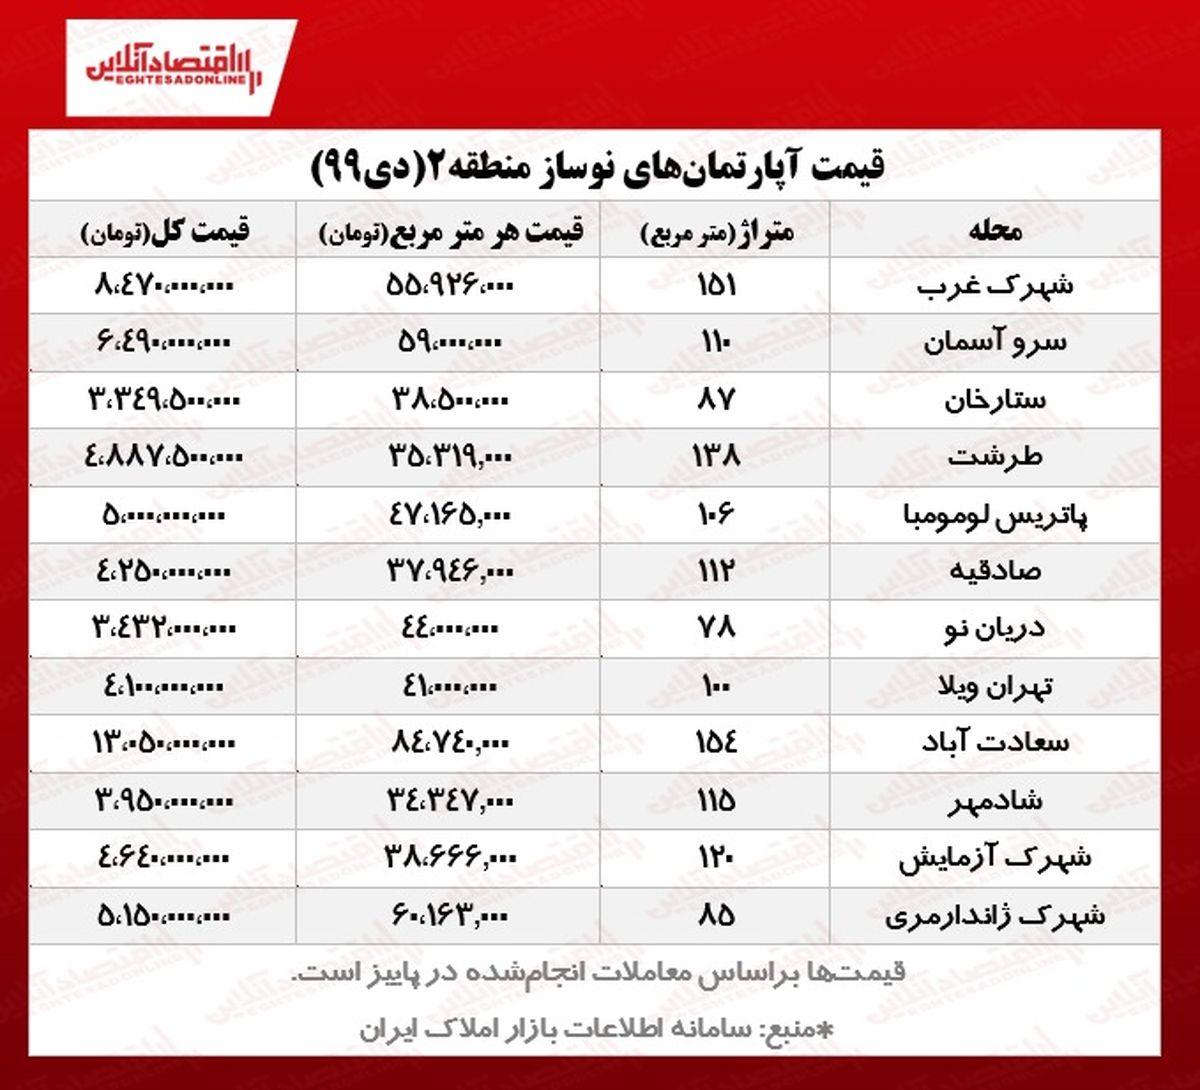 آپارتمانهای نوساز منطقه۲ تهران چند؟